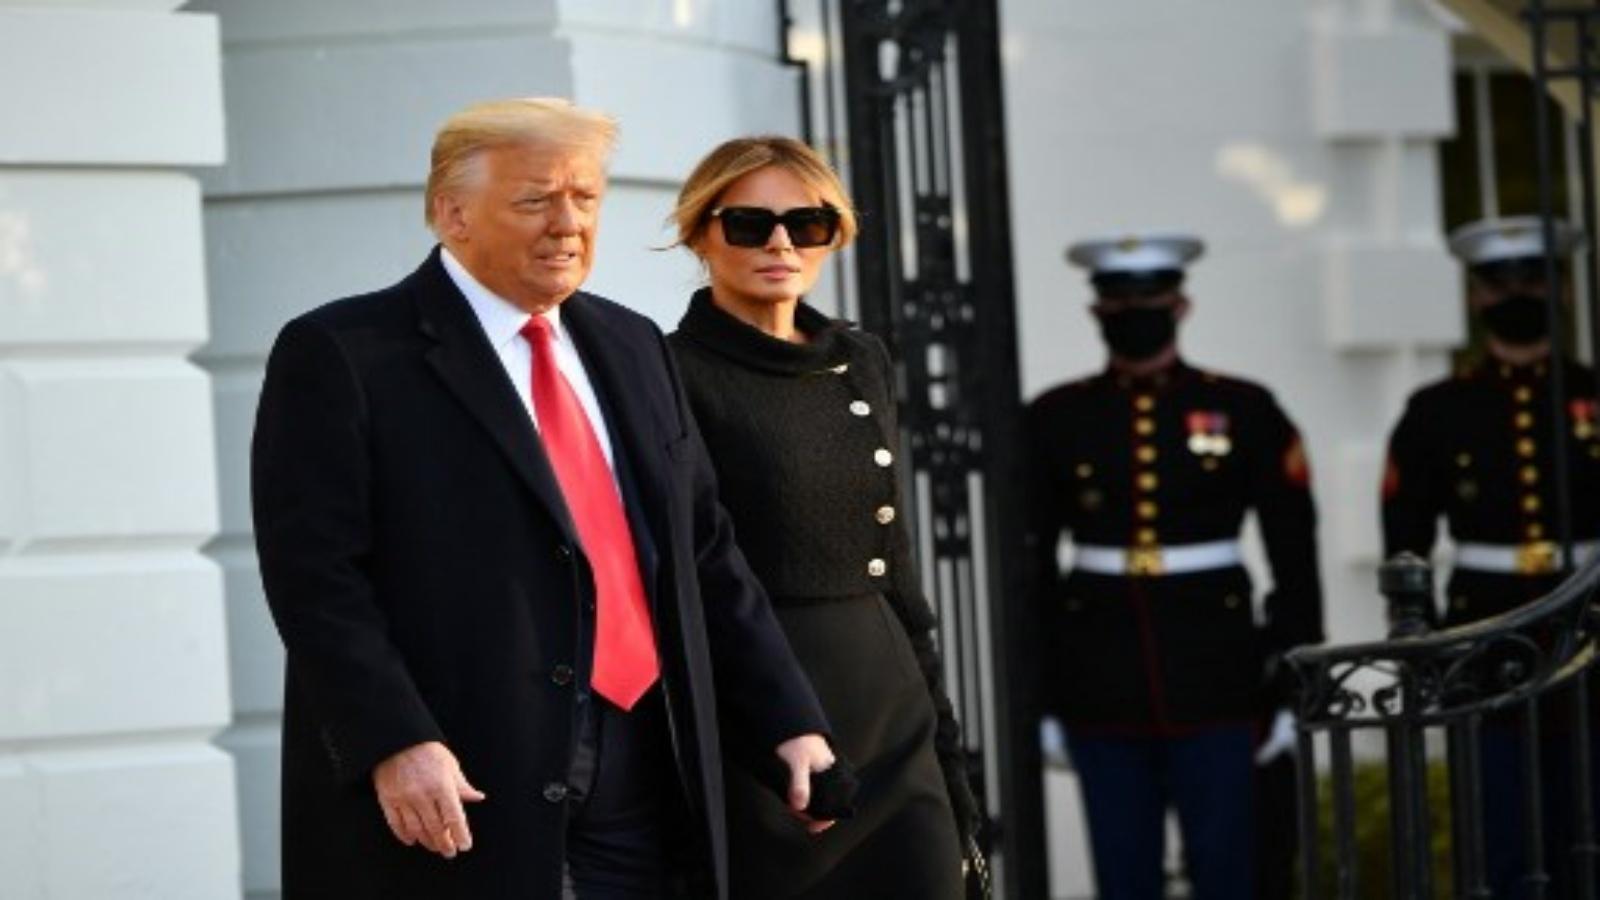 ترمب يغادر البيت الأبيض قبل ساعات من انتهاء ولايته الرئاسية